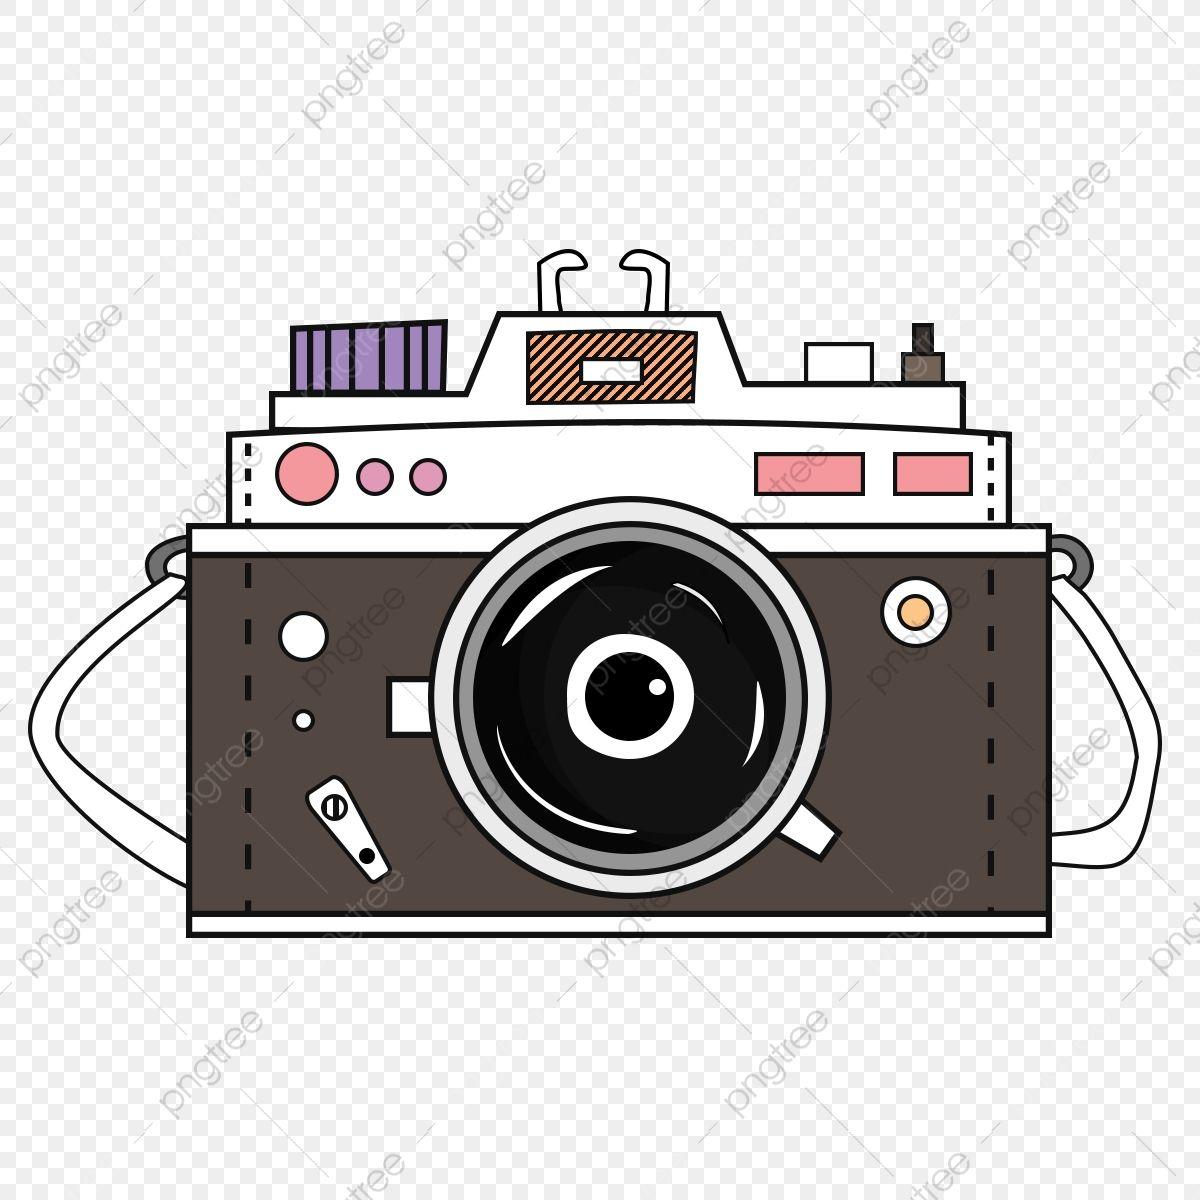 Gambar Cute Retro Foto Kamera Kartun Gaya Ilustrasi Clipart Kamera Png Gambar Kamera Png Dan Psd Untuk Muat Turun Percuma Kartun Kamera Ilustrasi